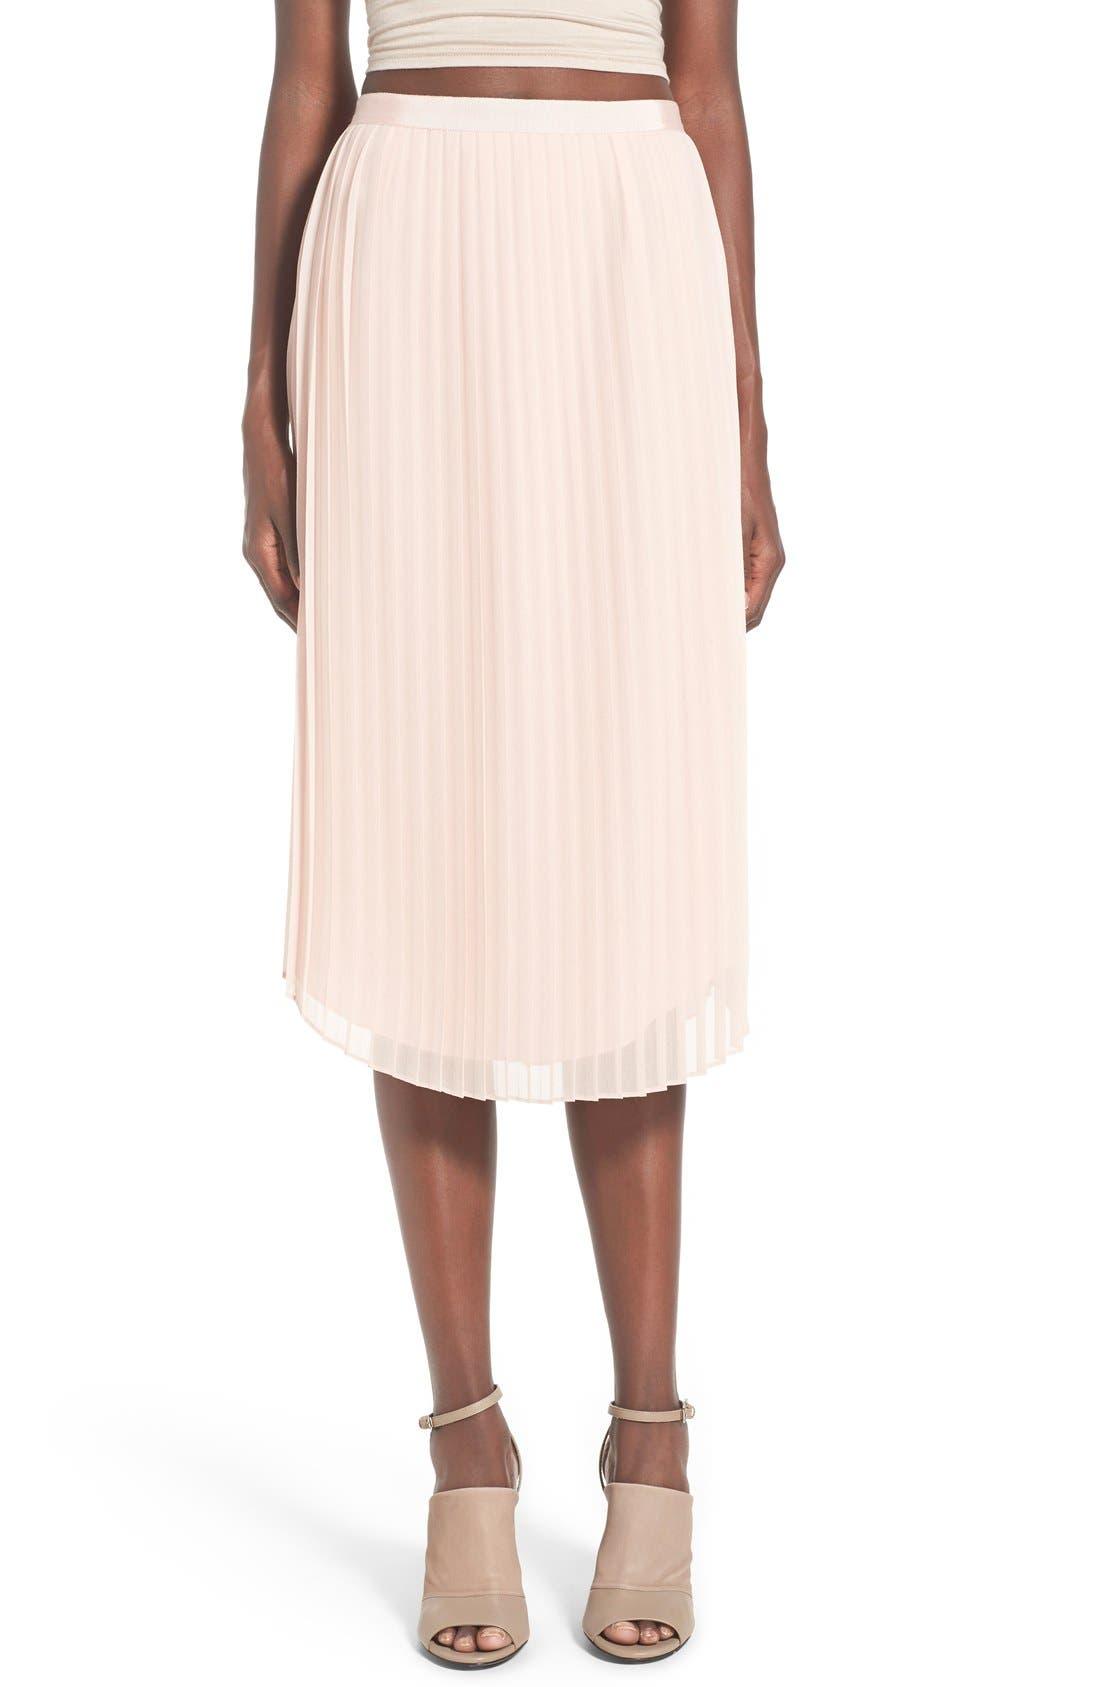 Alternate Image 1 Selected - Chelsea28 Pleated Midi Skirt